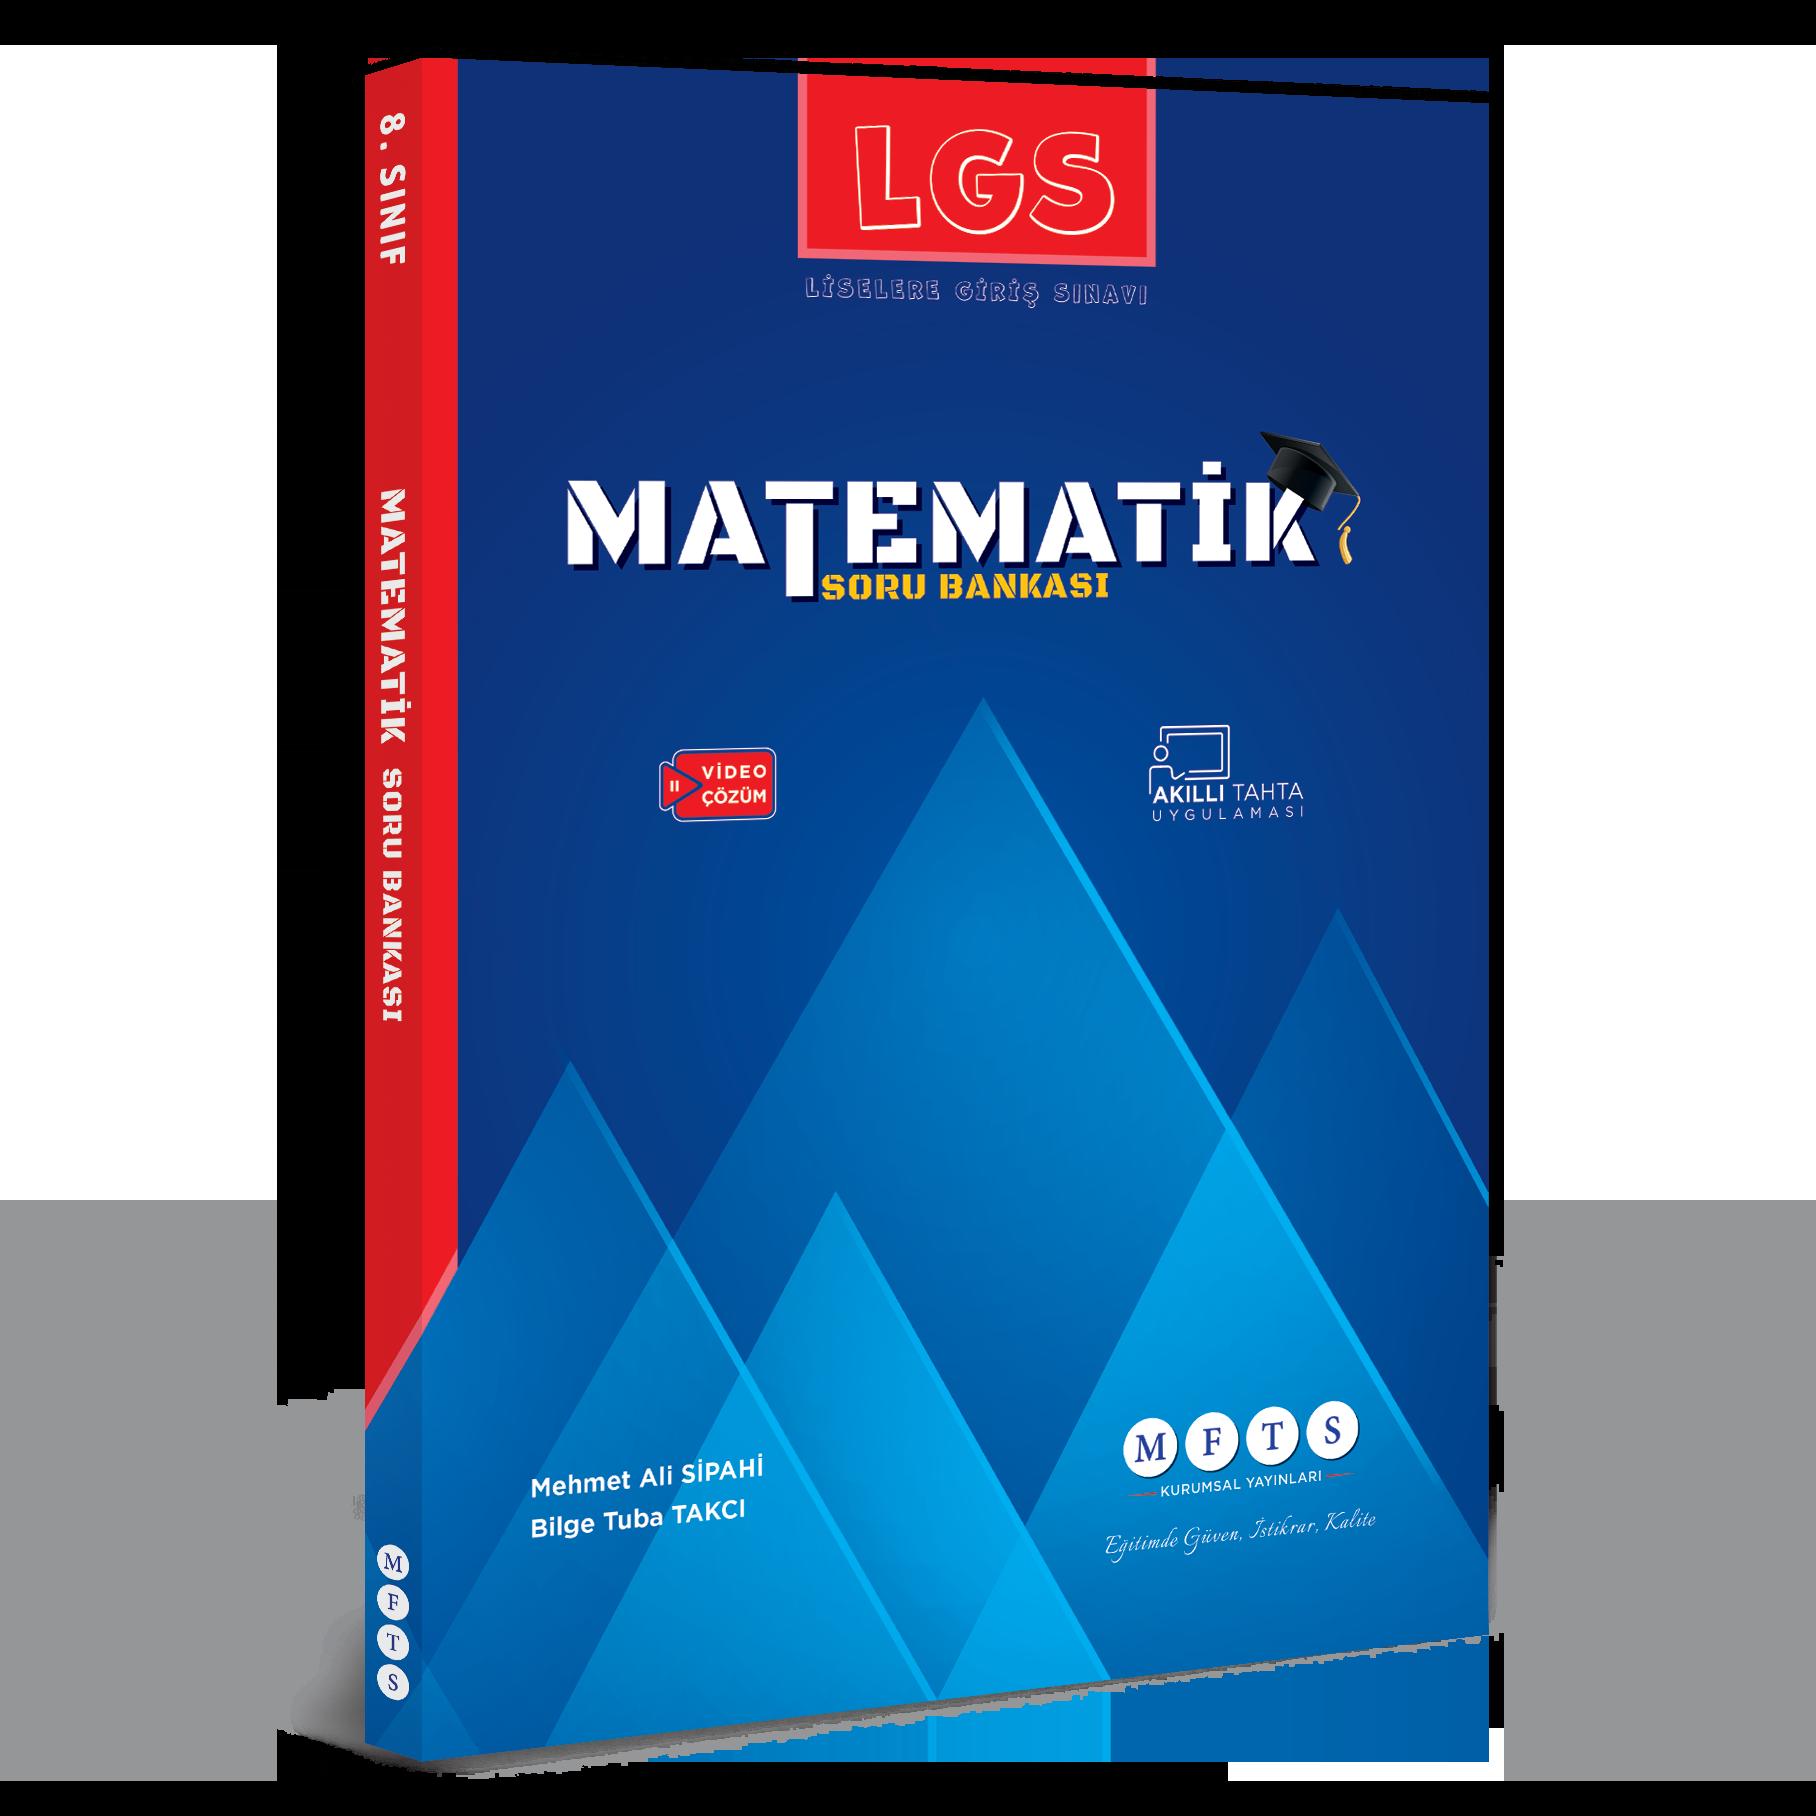 fenbilimlerimerkezi.net yayinlar: LGS Matematik Soru Bankası